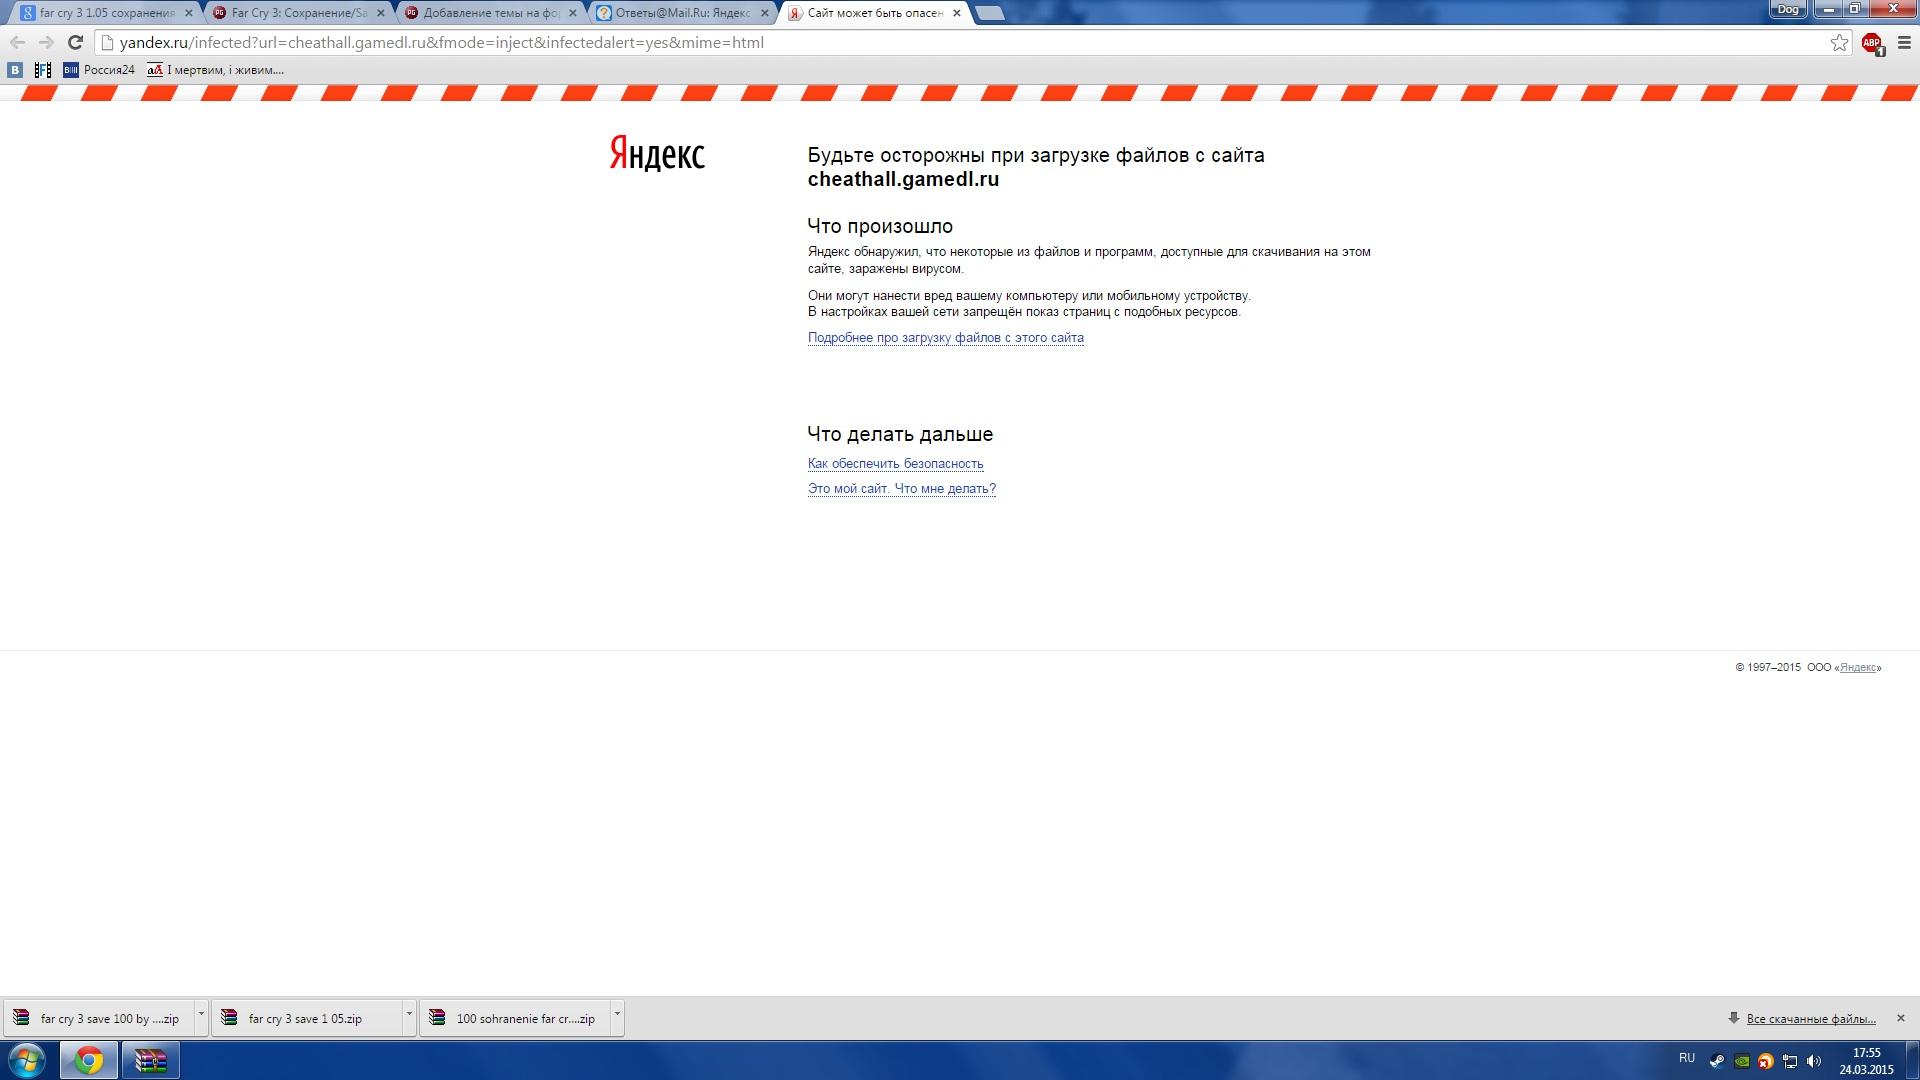 Не работает звук в браузере Яндекс - PRO ремонт ПК 17